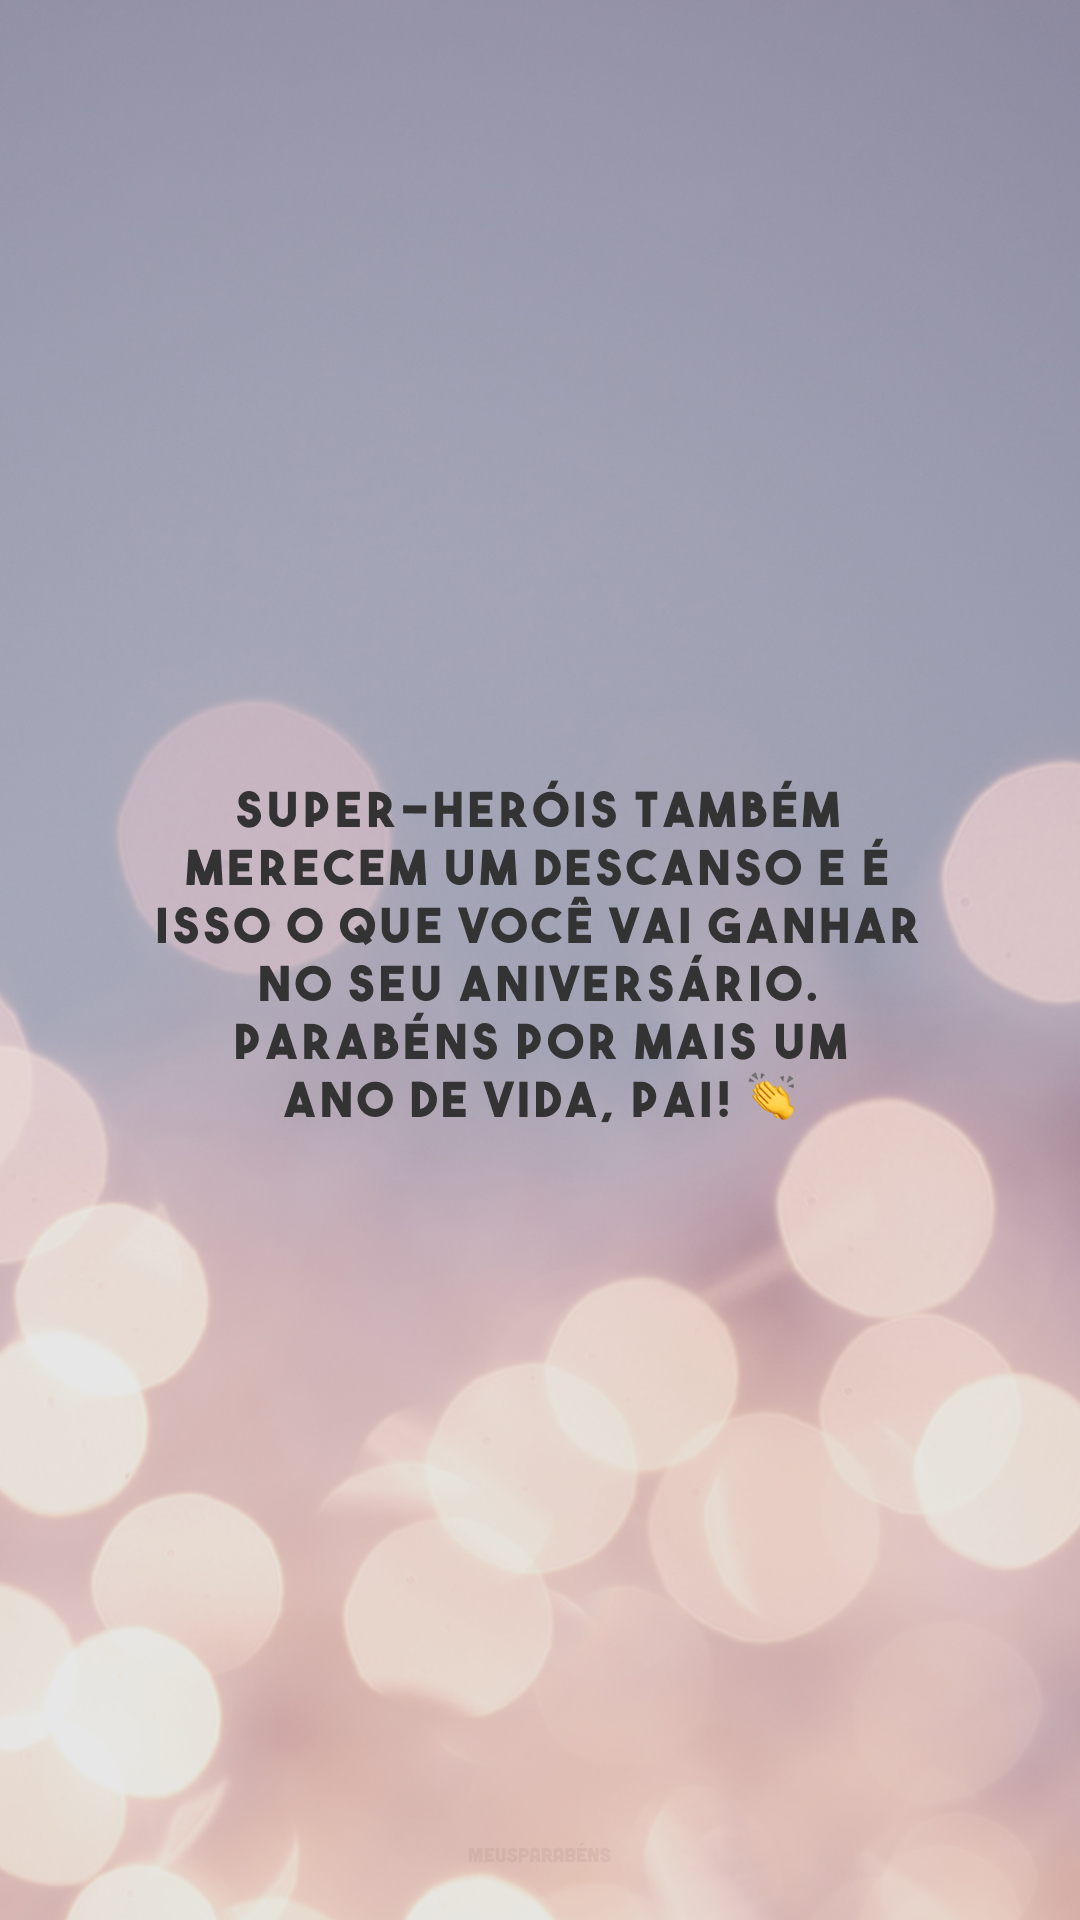 Super-heróis também merecem um descanso e é isso o que você vai ganhar no seu aniversário. Parabéns por mais um ano de vida, pai! 👏